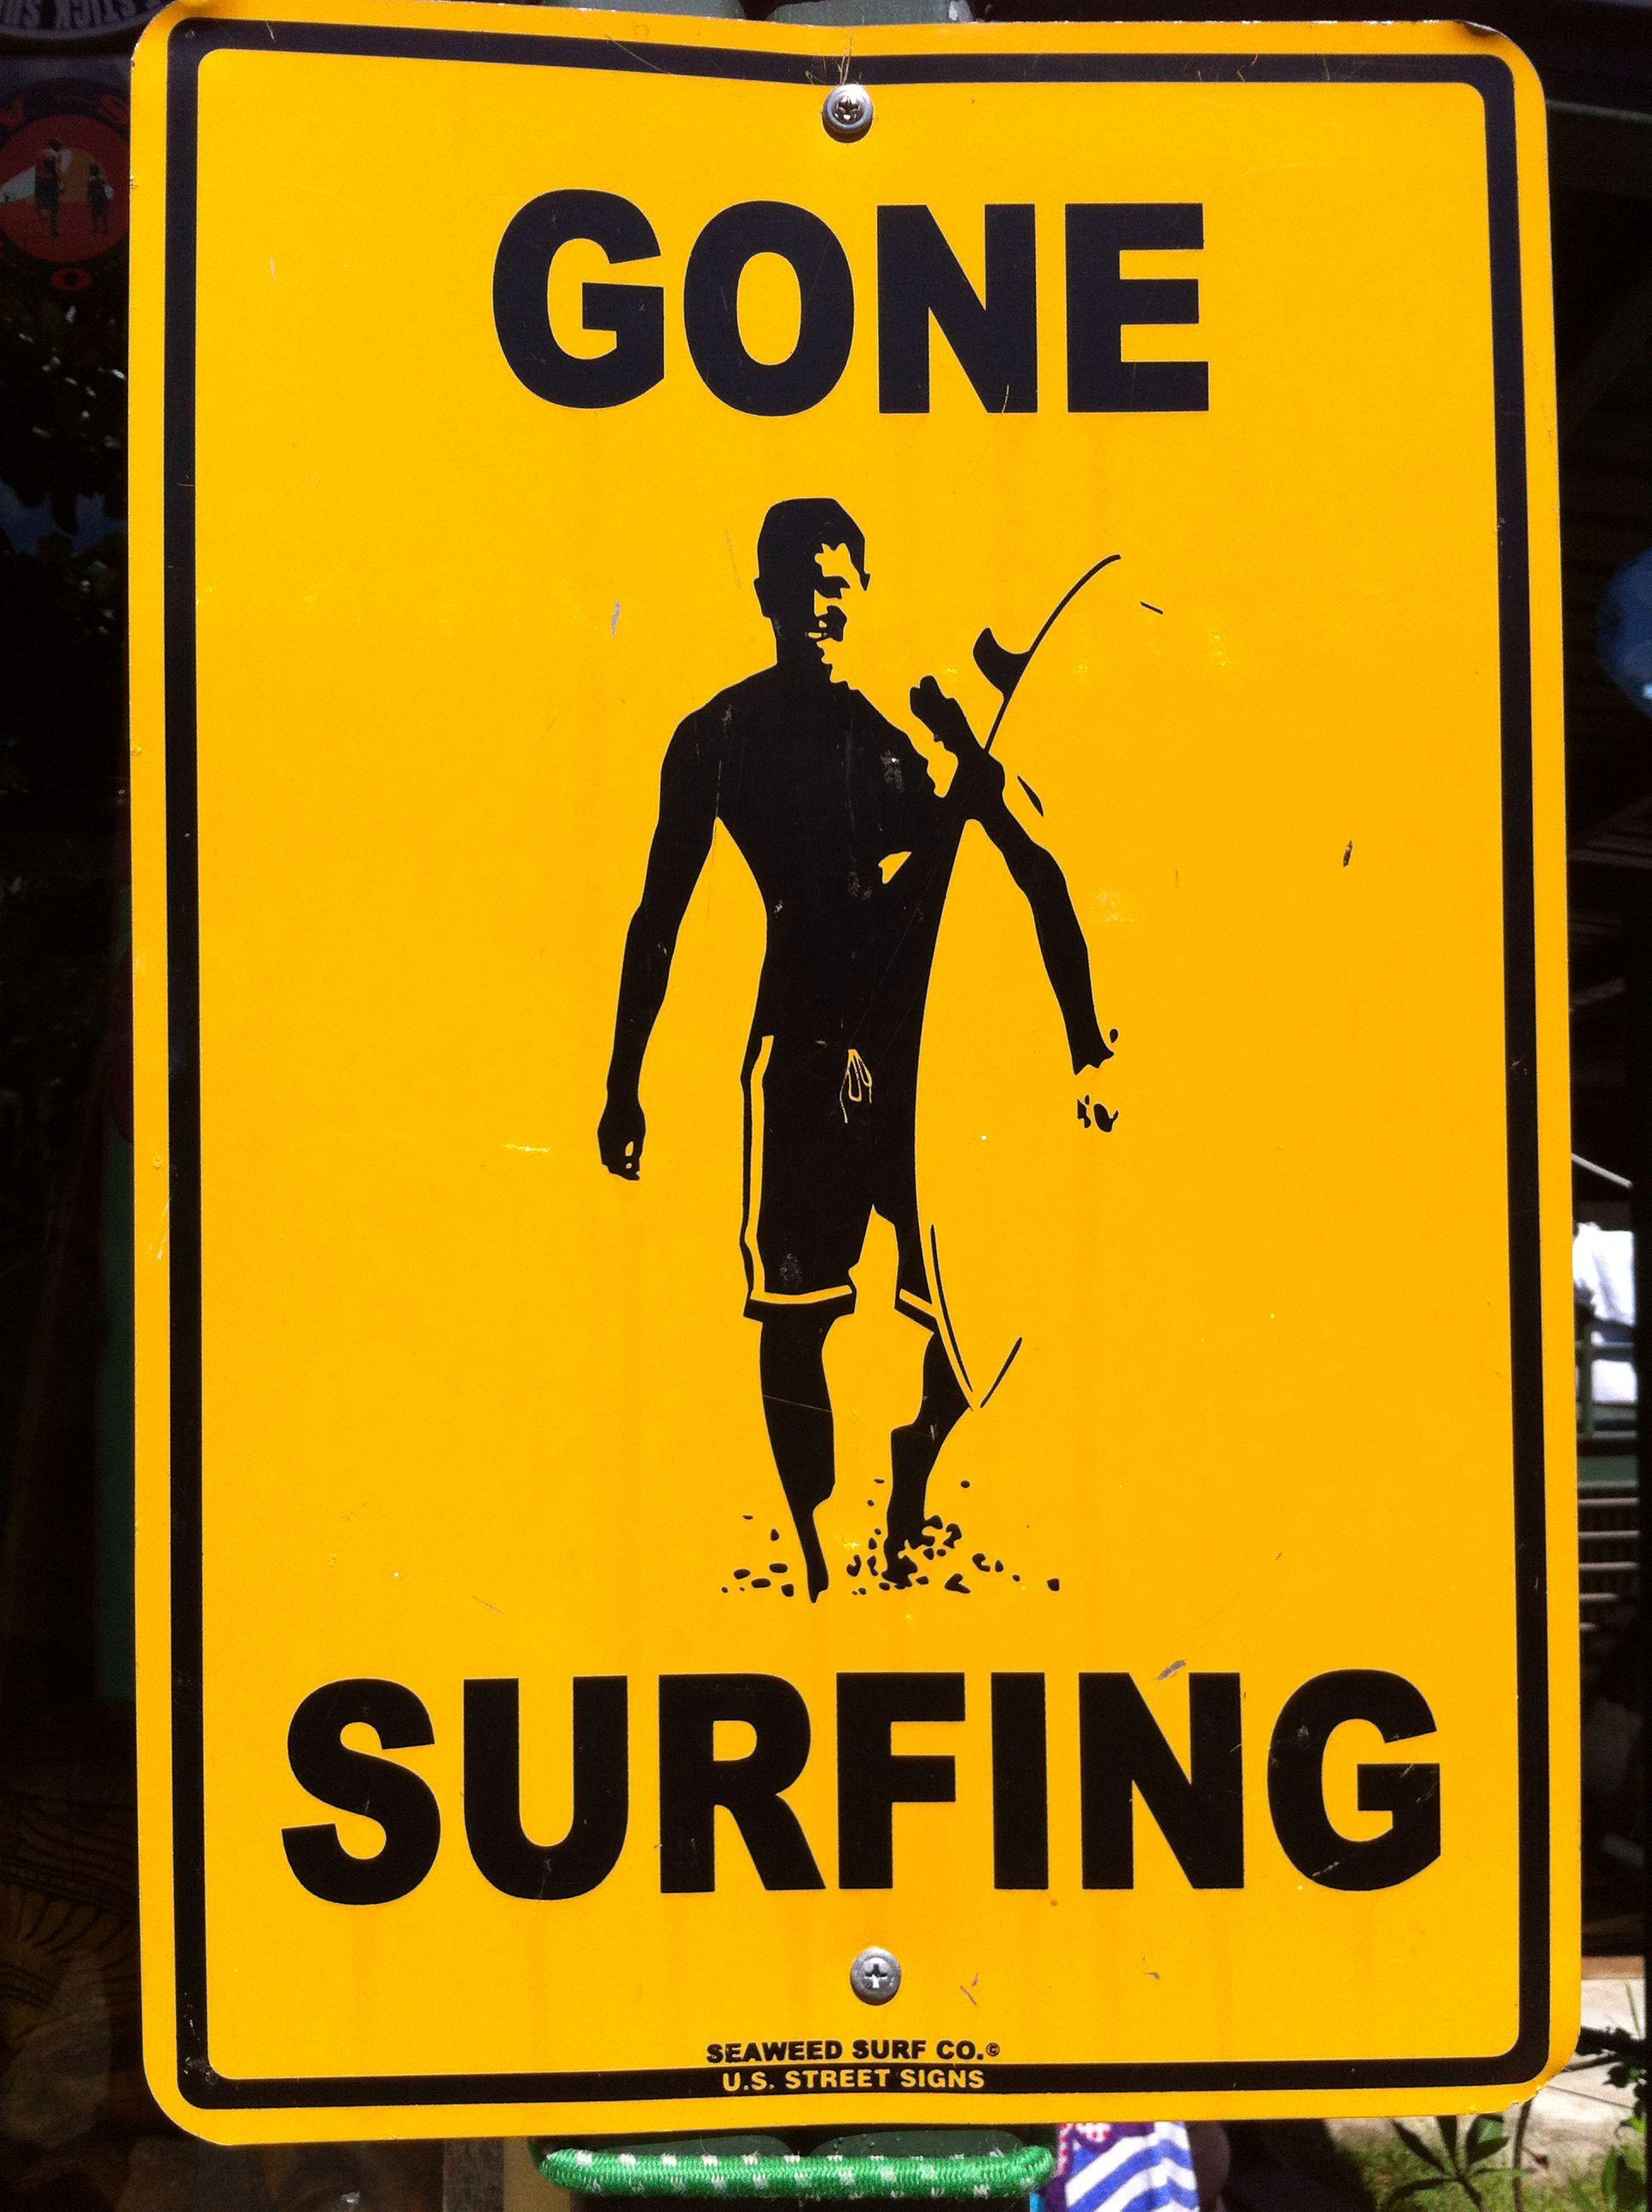 surfing | Surfing | Pinterest | Surf